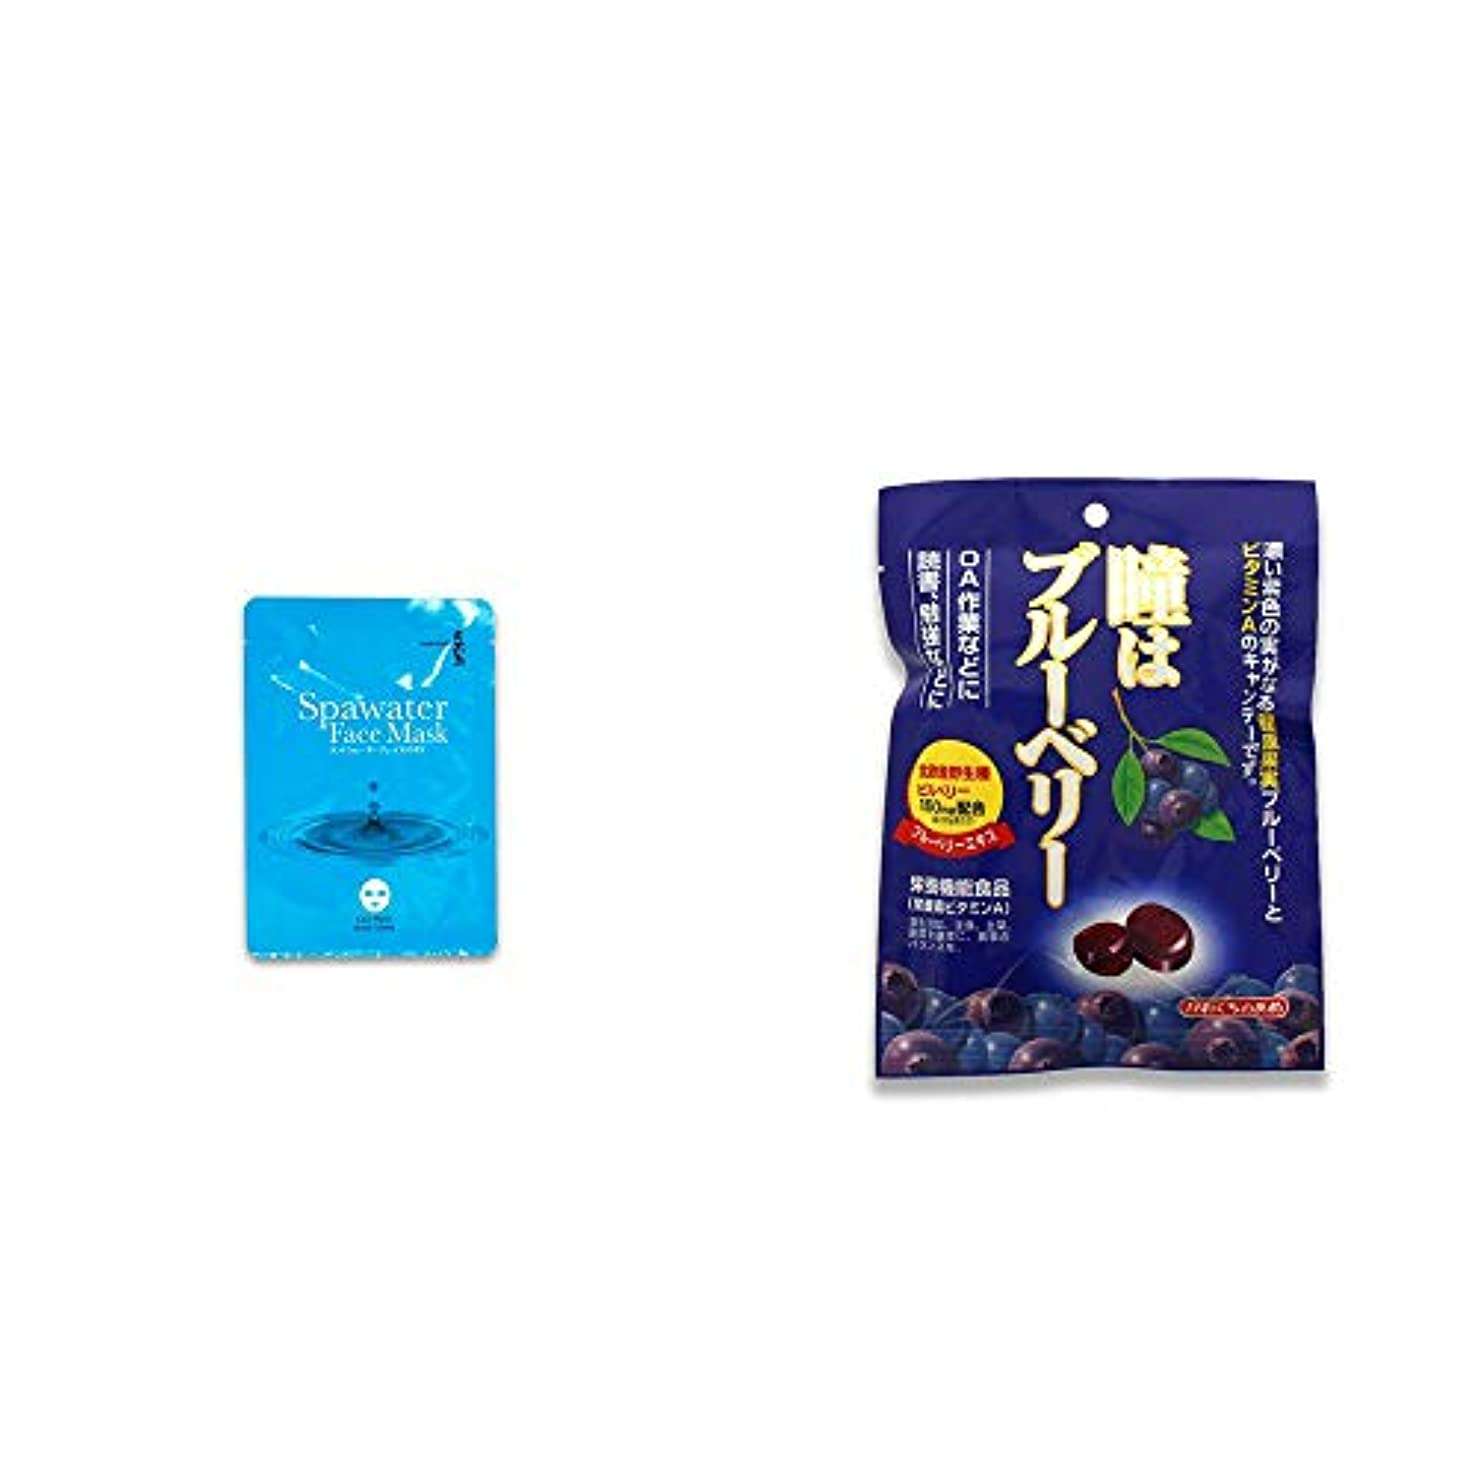 除外するパレード野ウサギ[2点セット] ひのき炭黒泉 スパウォーターフェイスマスク(18ml×3枚入)?瞳はブルーベリー 健康機能食品[ビタミンA](100g)